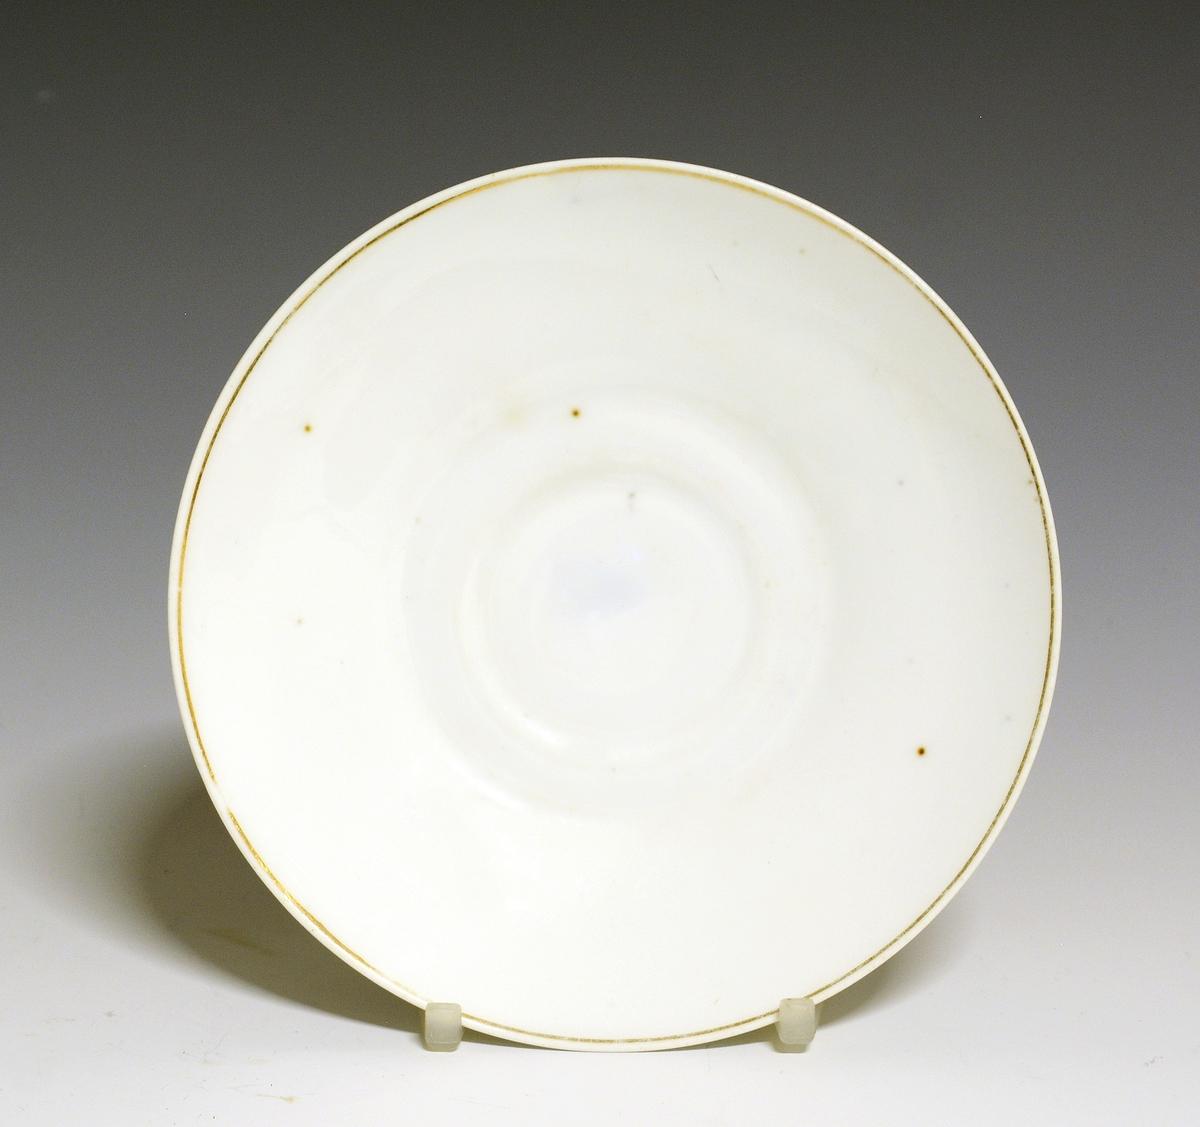 Skål til kaffekopp (el. tekopp) i porselen med hvit glasur. Gullstripe langs kantranden. Modell: 96 Fabrikkmerke: Blått anker med PP Finnes i priskuranten for 1888, tavle 3.